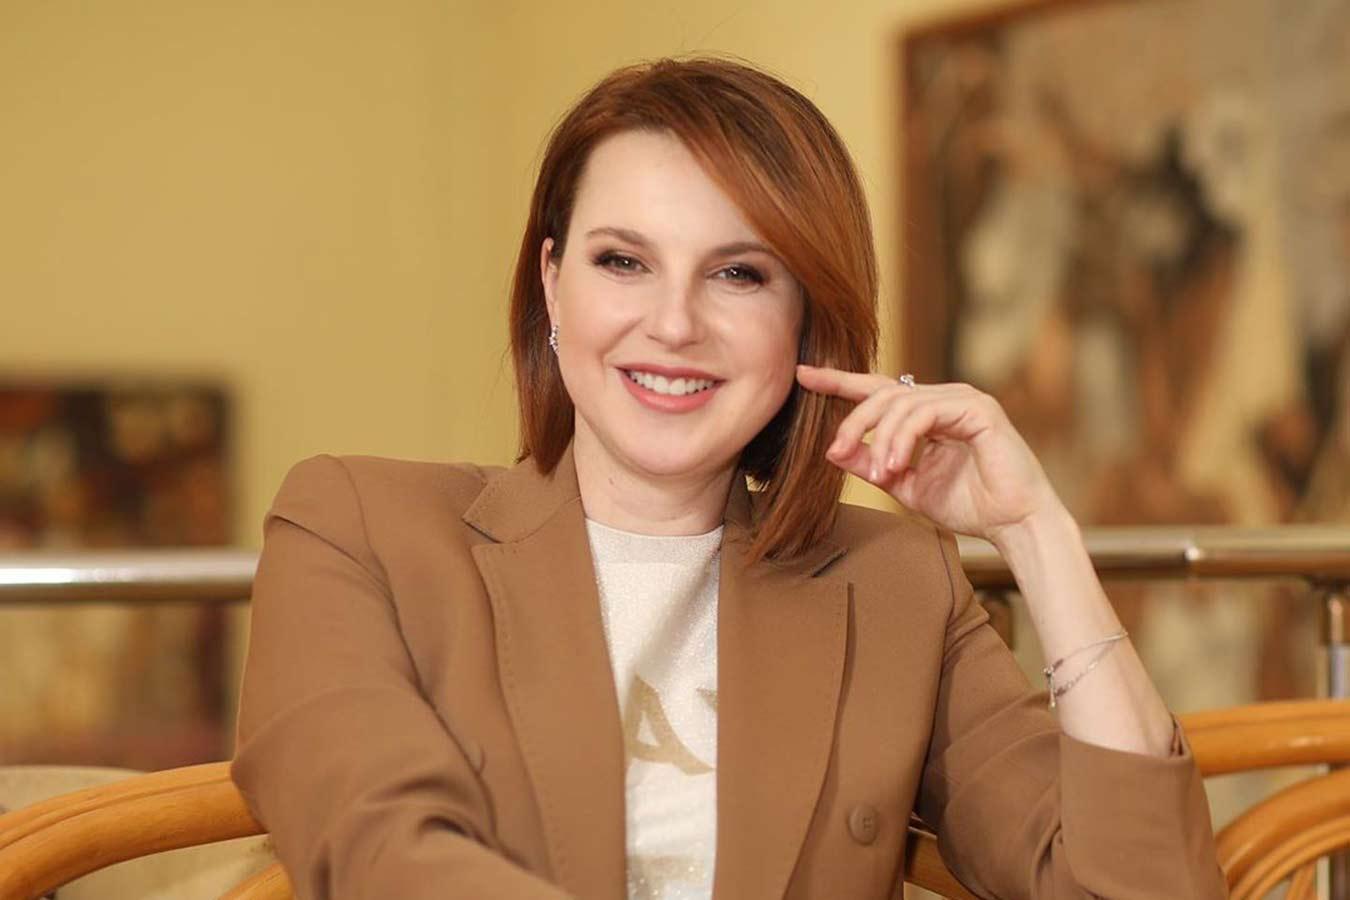 Ирина Слуцкая: посылаю всем хейтерам воздушный поцелуй